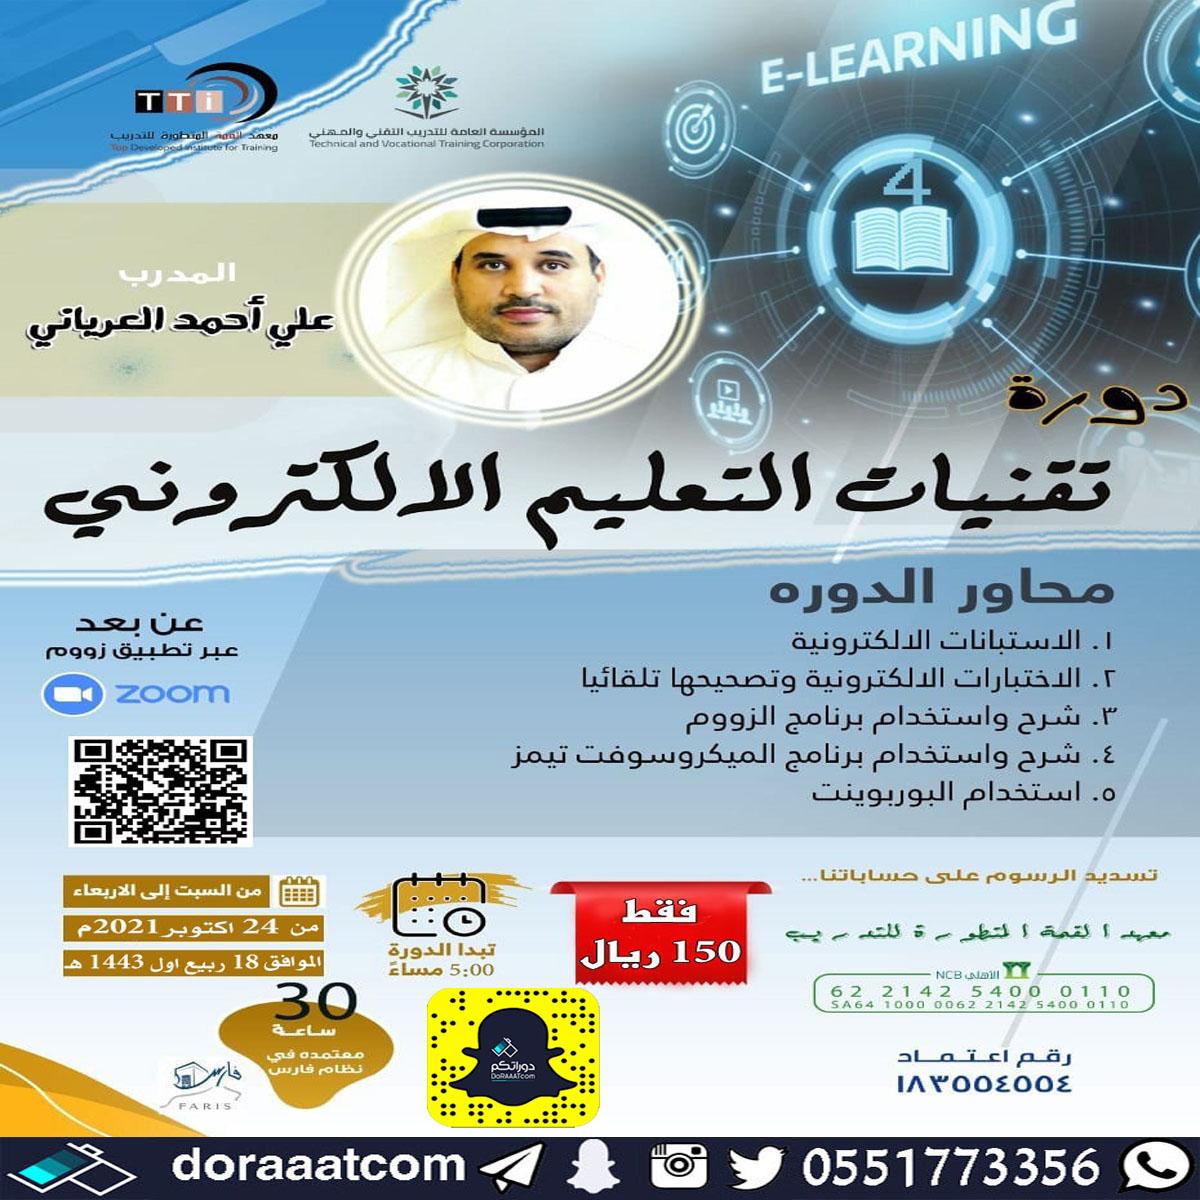 أون لاين – دورة تقنيات التعليم الالكتروني